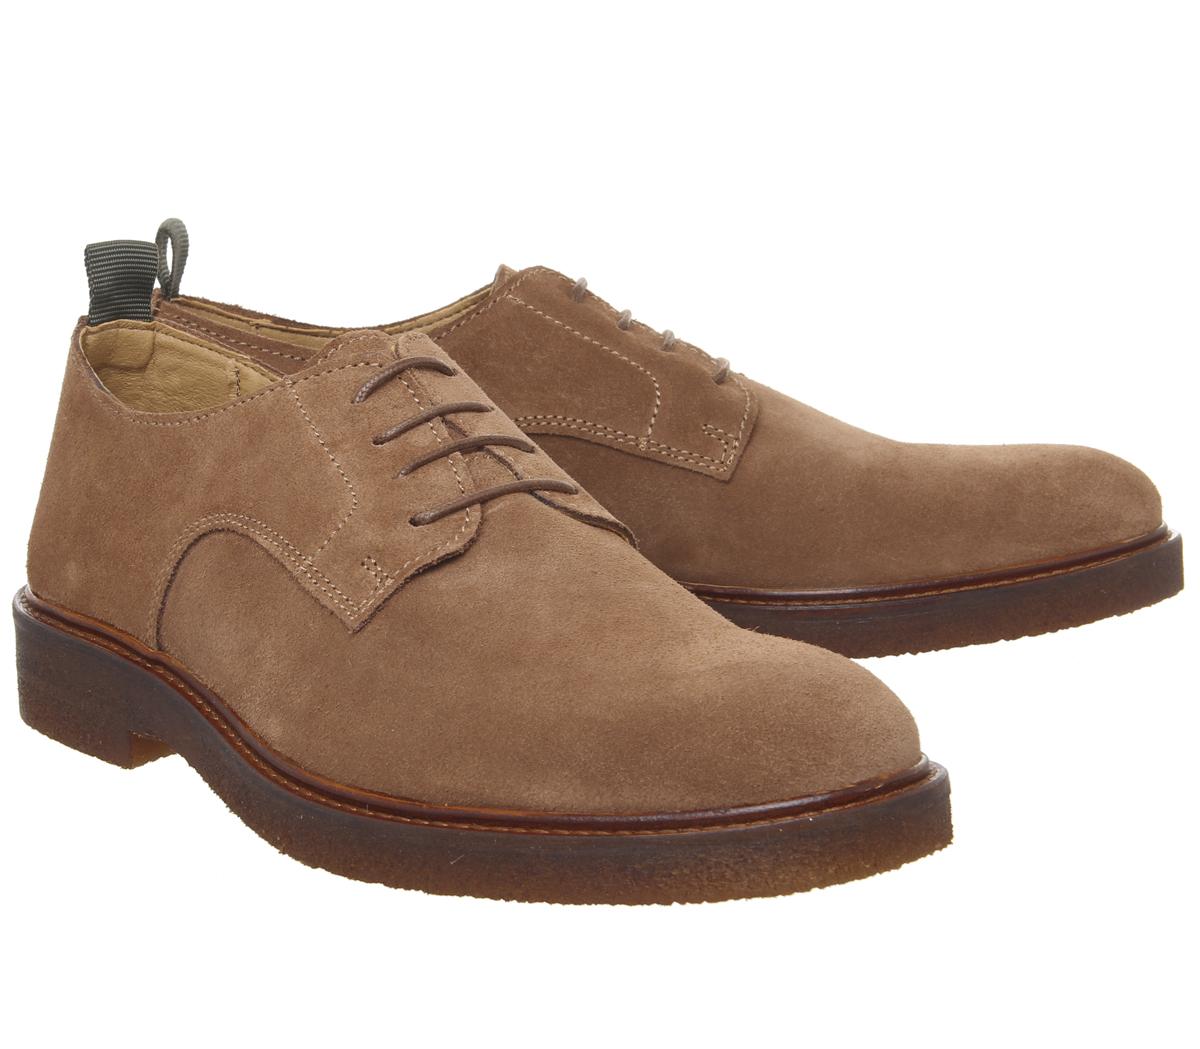 scarpe autunnali 2019 autentico il più economico Dettagli su Uomo office Bloccato Derby Scarpe Ruggine Camoscio Scarpe Casual